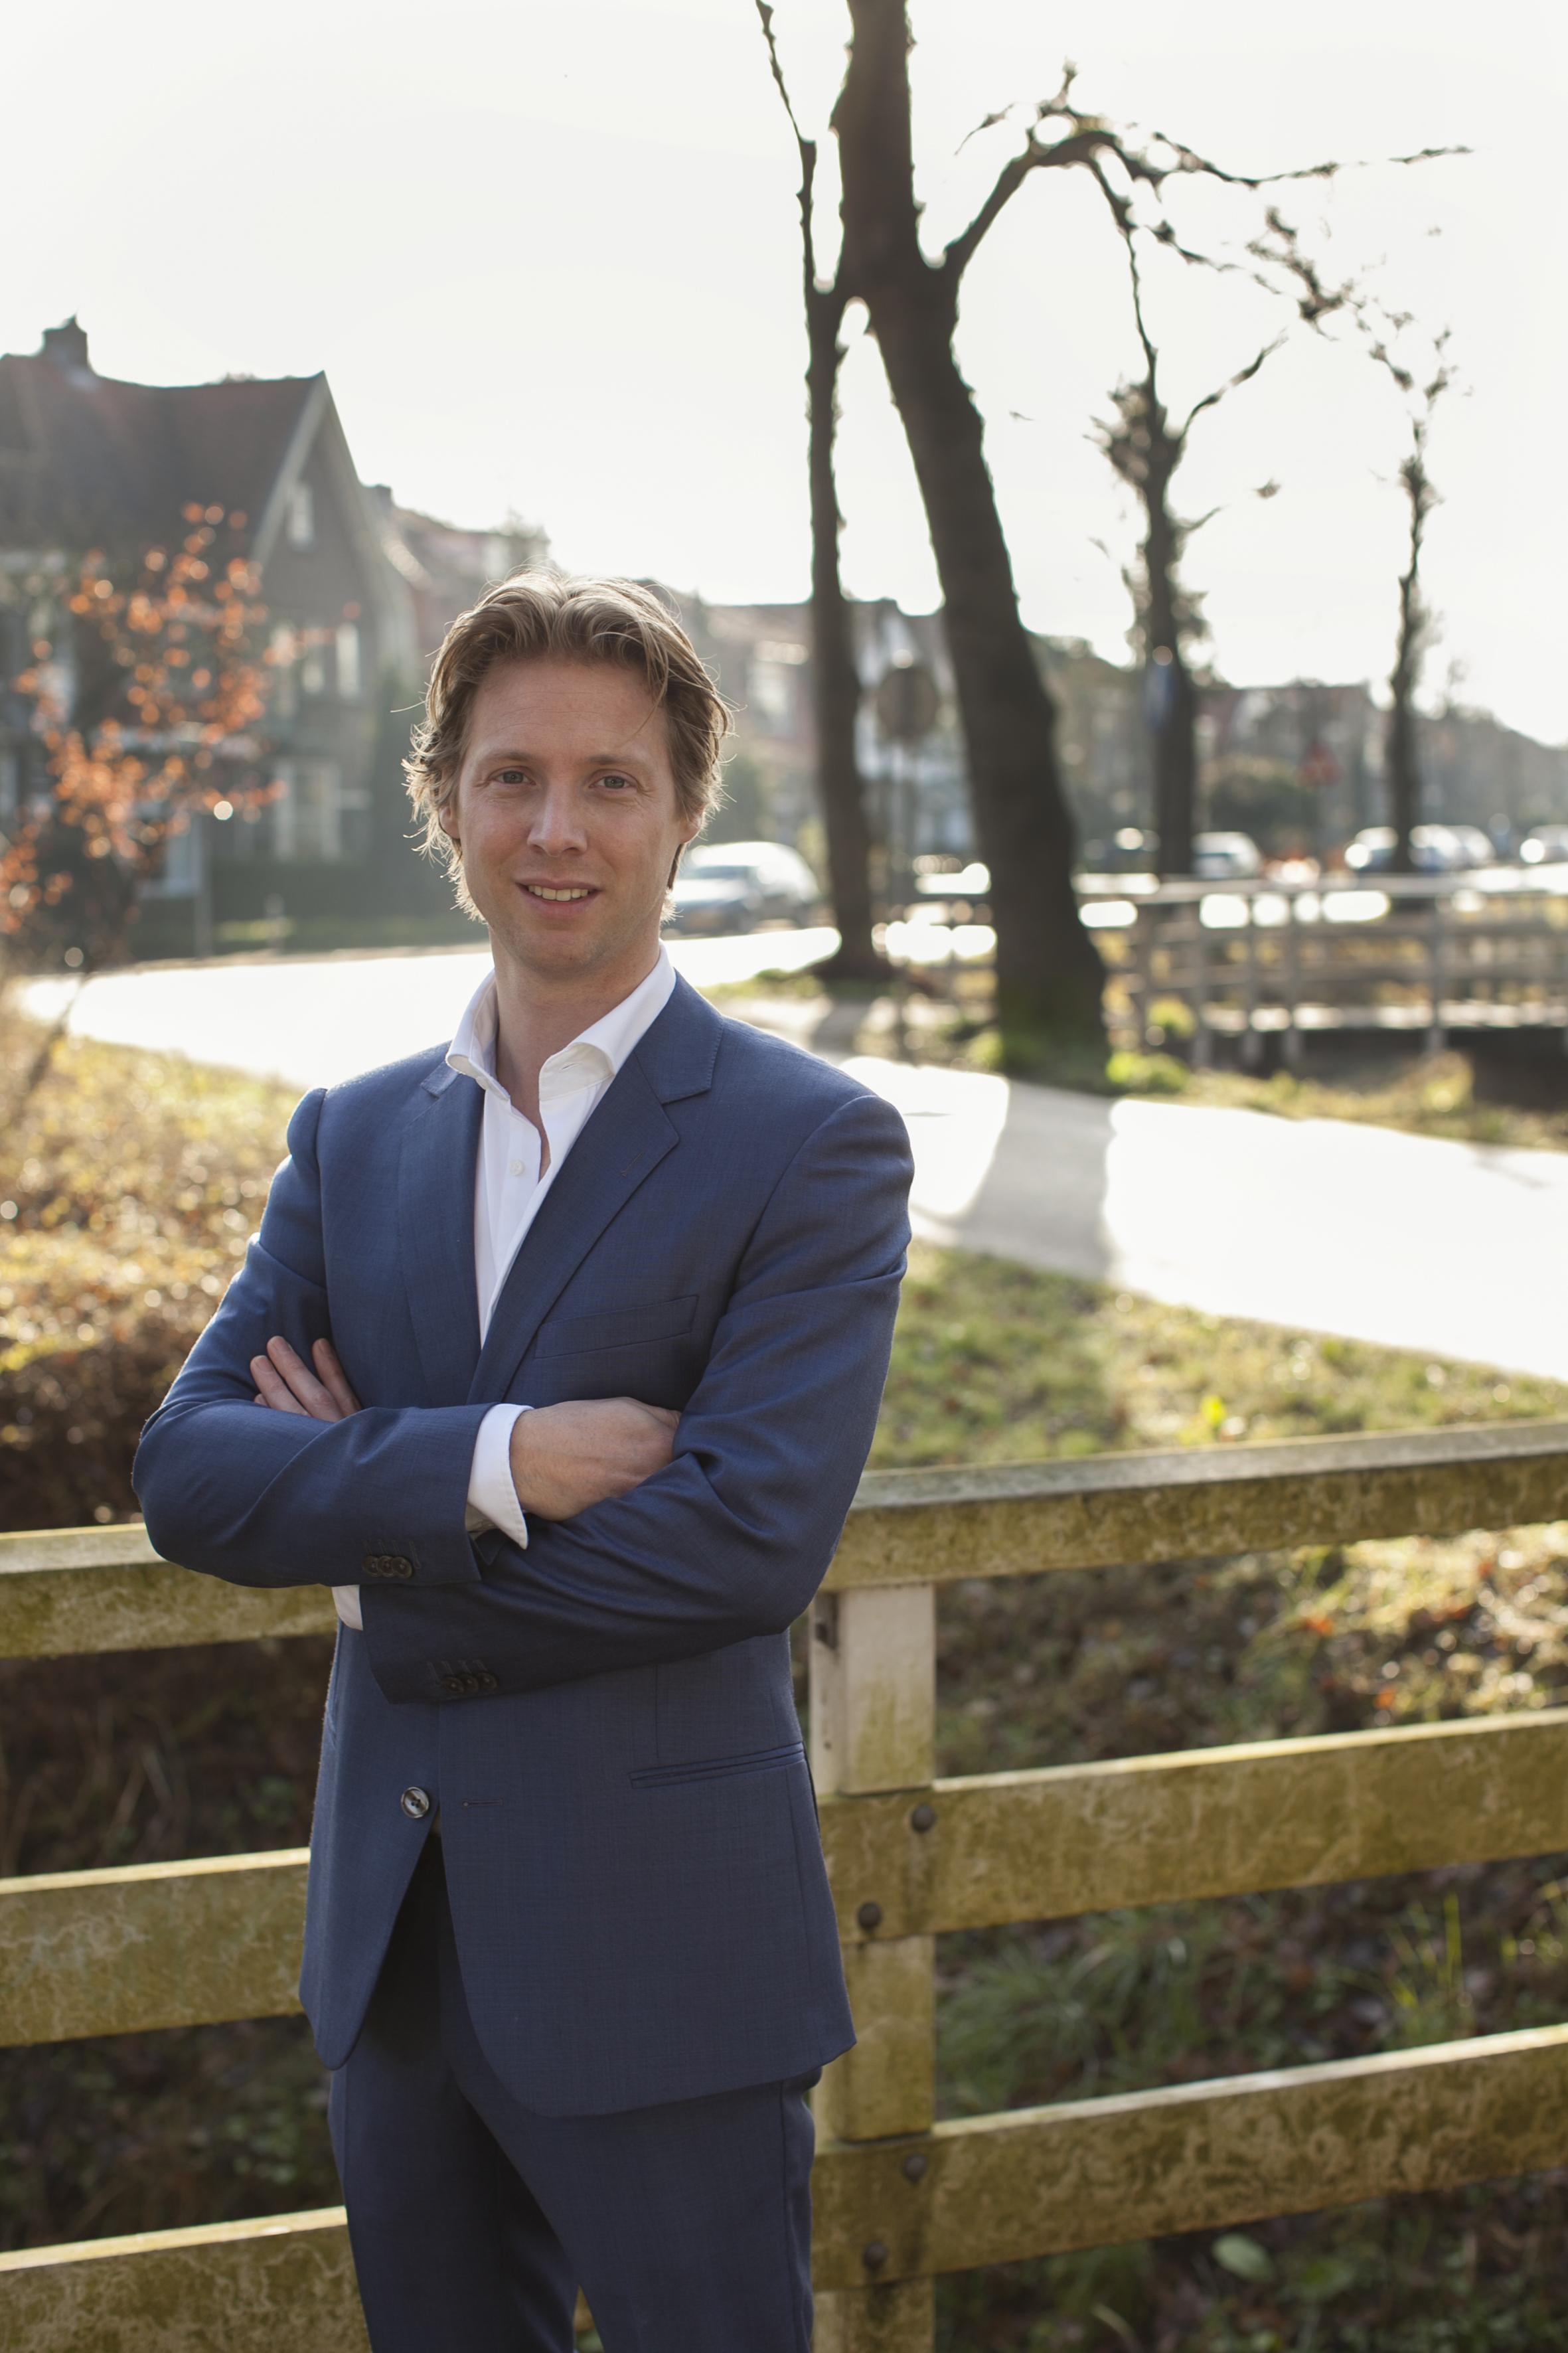 Maarten Burggraaf, VVD kandidaat 3, lijst 3, tbv campagne